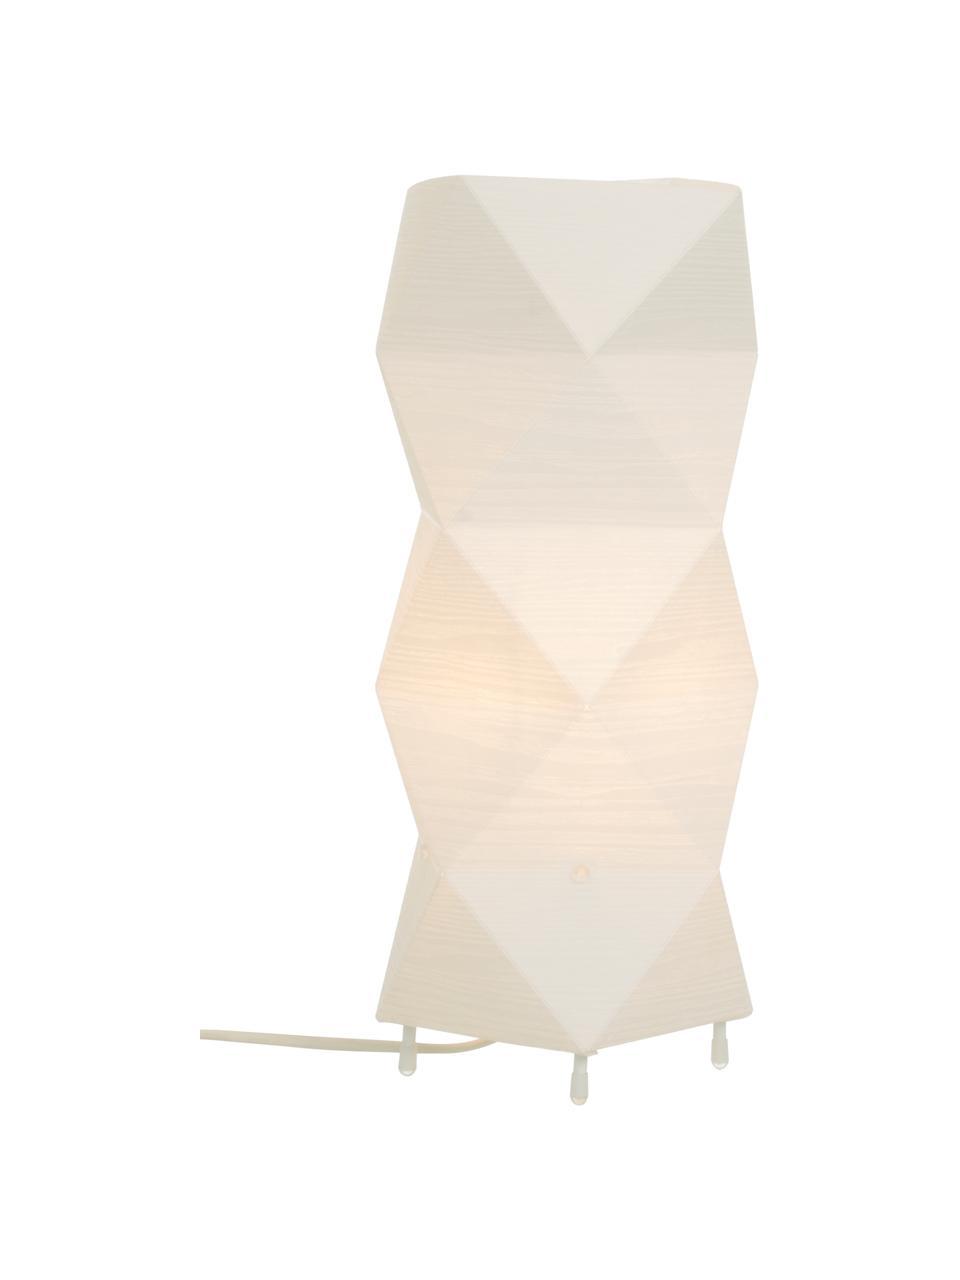 Moderne Tischlampe Veck mit 3D-Effekt, Lampenschirm: Kunststoff, Weiß, 16 x 37 cm